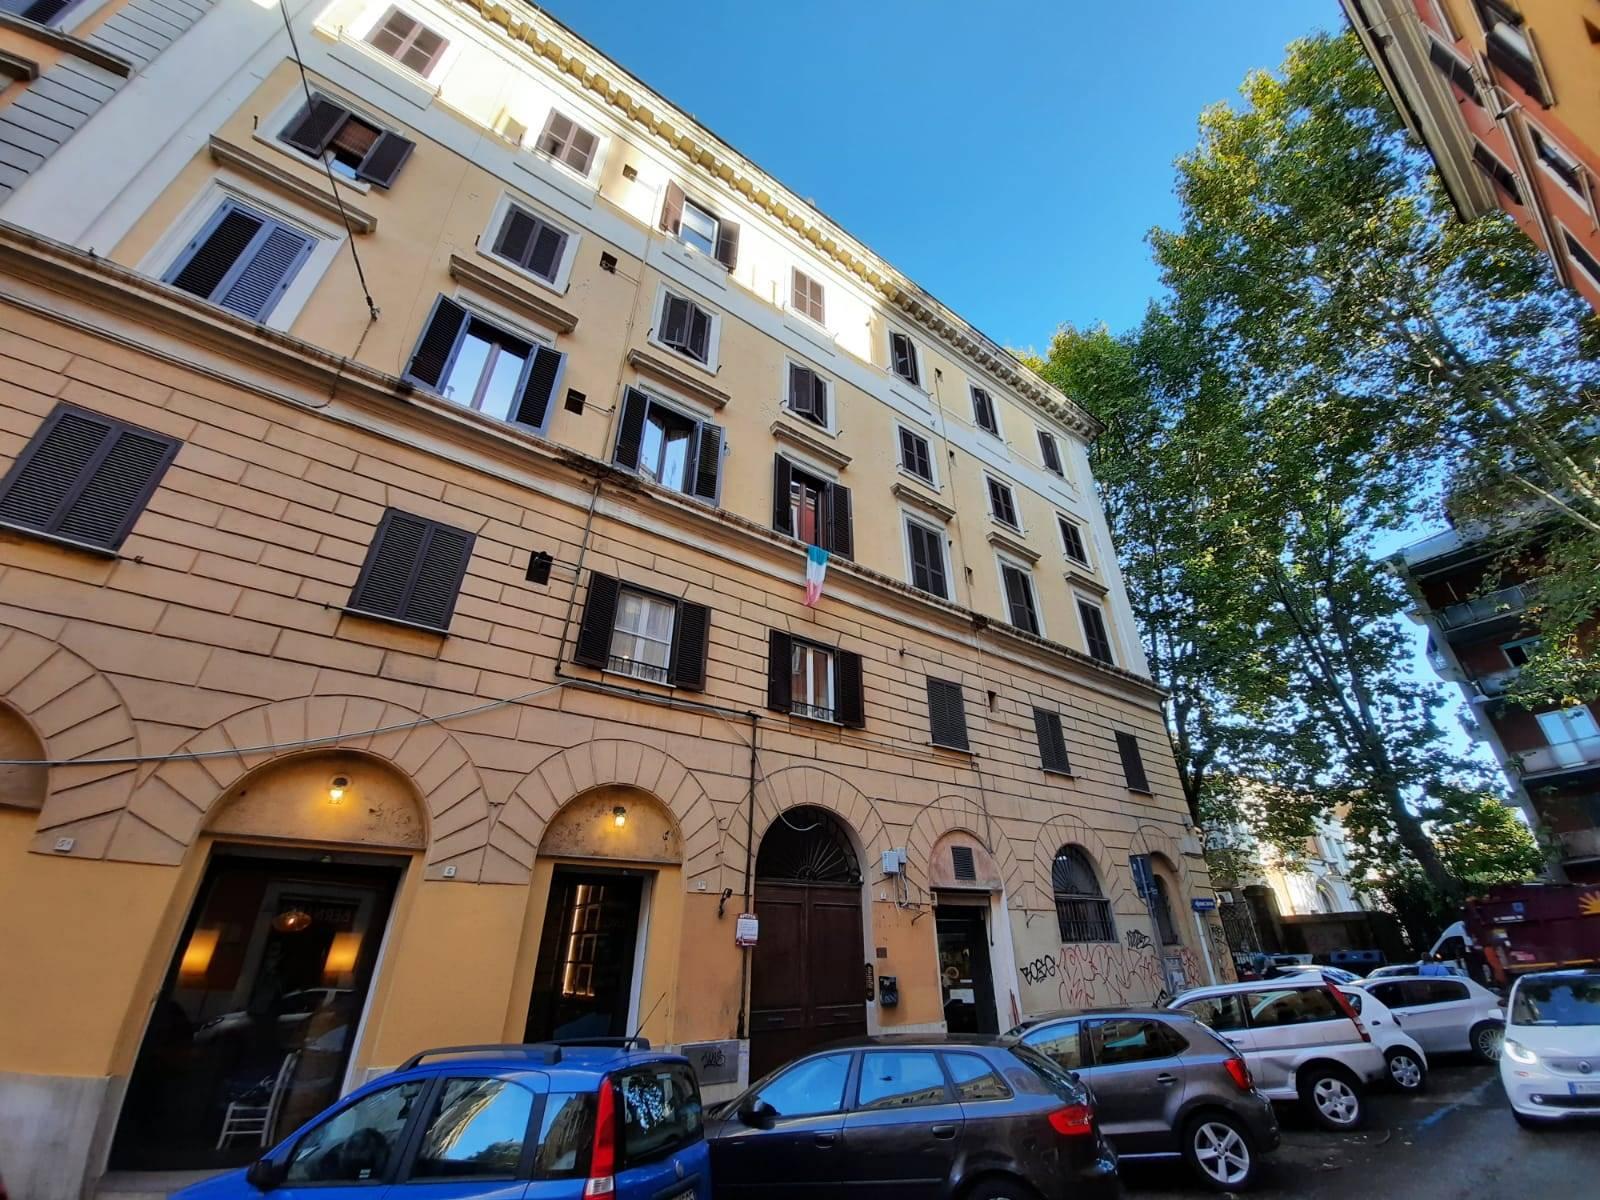 ROMA, TESTACCIO, nel cuore dello storico quartiere ricco di locali di ogni genere, esattamente in via Luca della Robbia, affittasi ampio bilocale di 65 mq. L'appartamento, posto al primo piano di